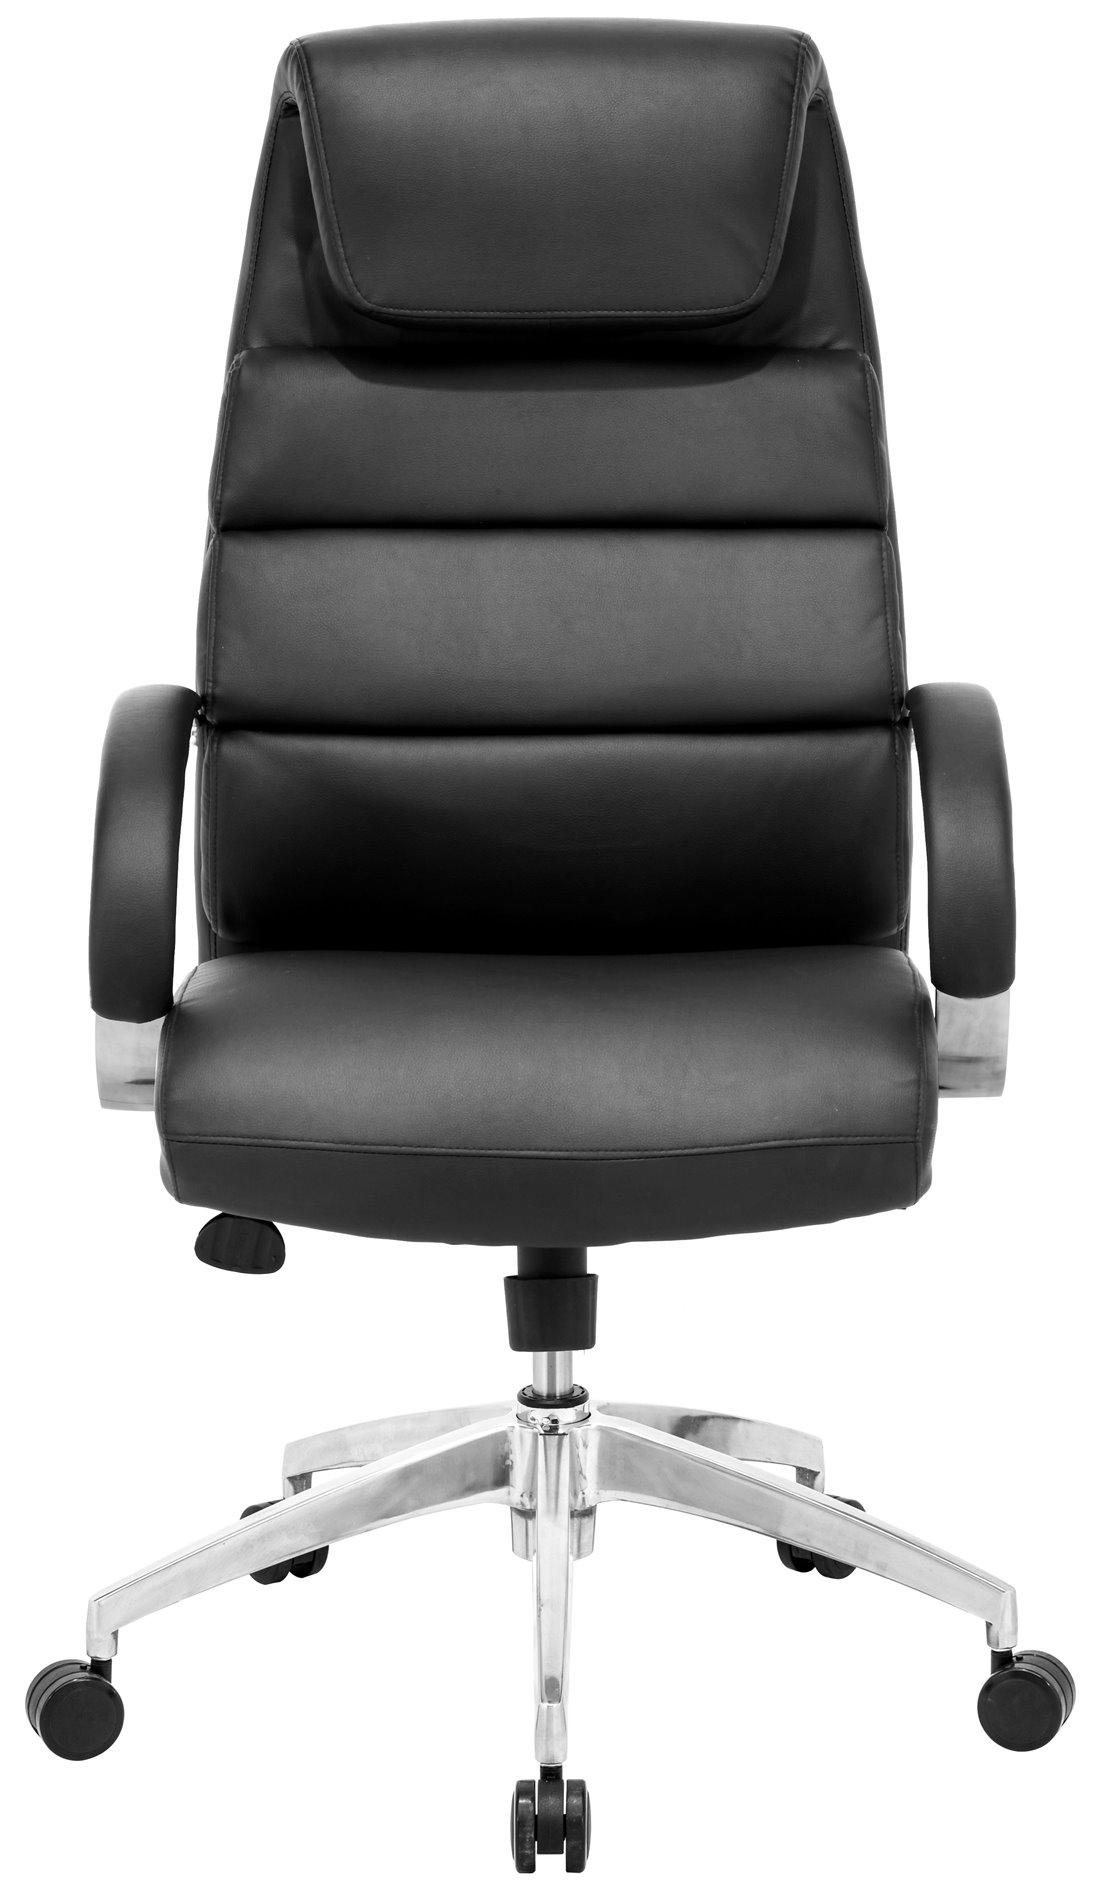 Zuo Modern 205315 Lider Comfort Modern Office Chair Zm 205315